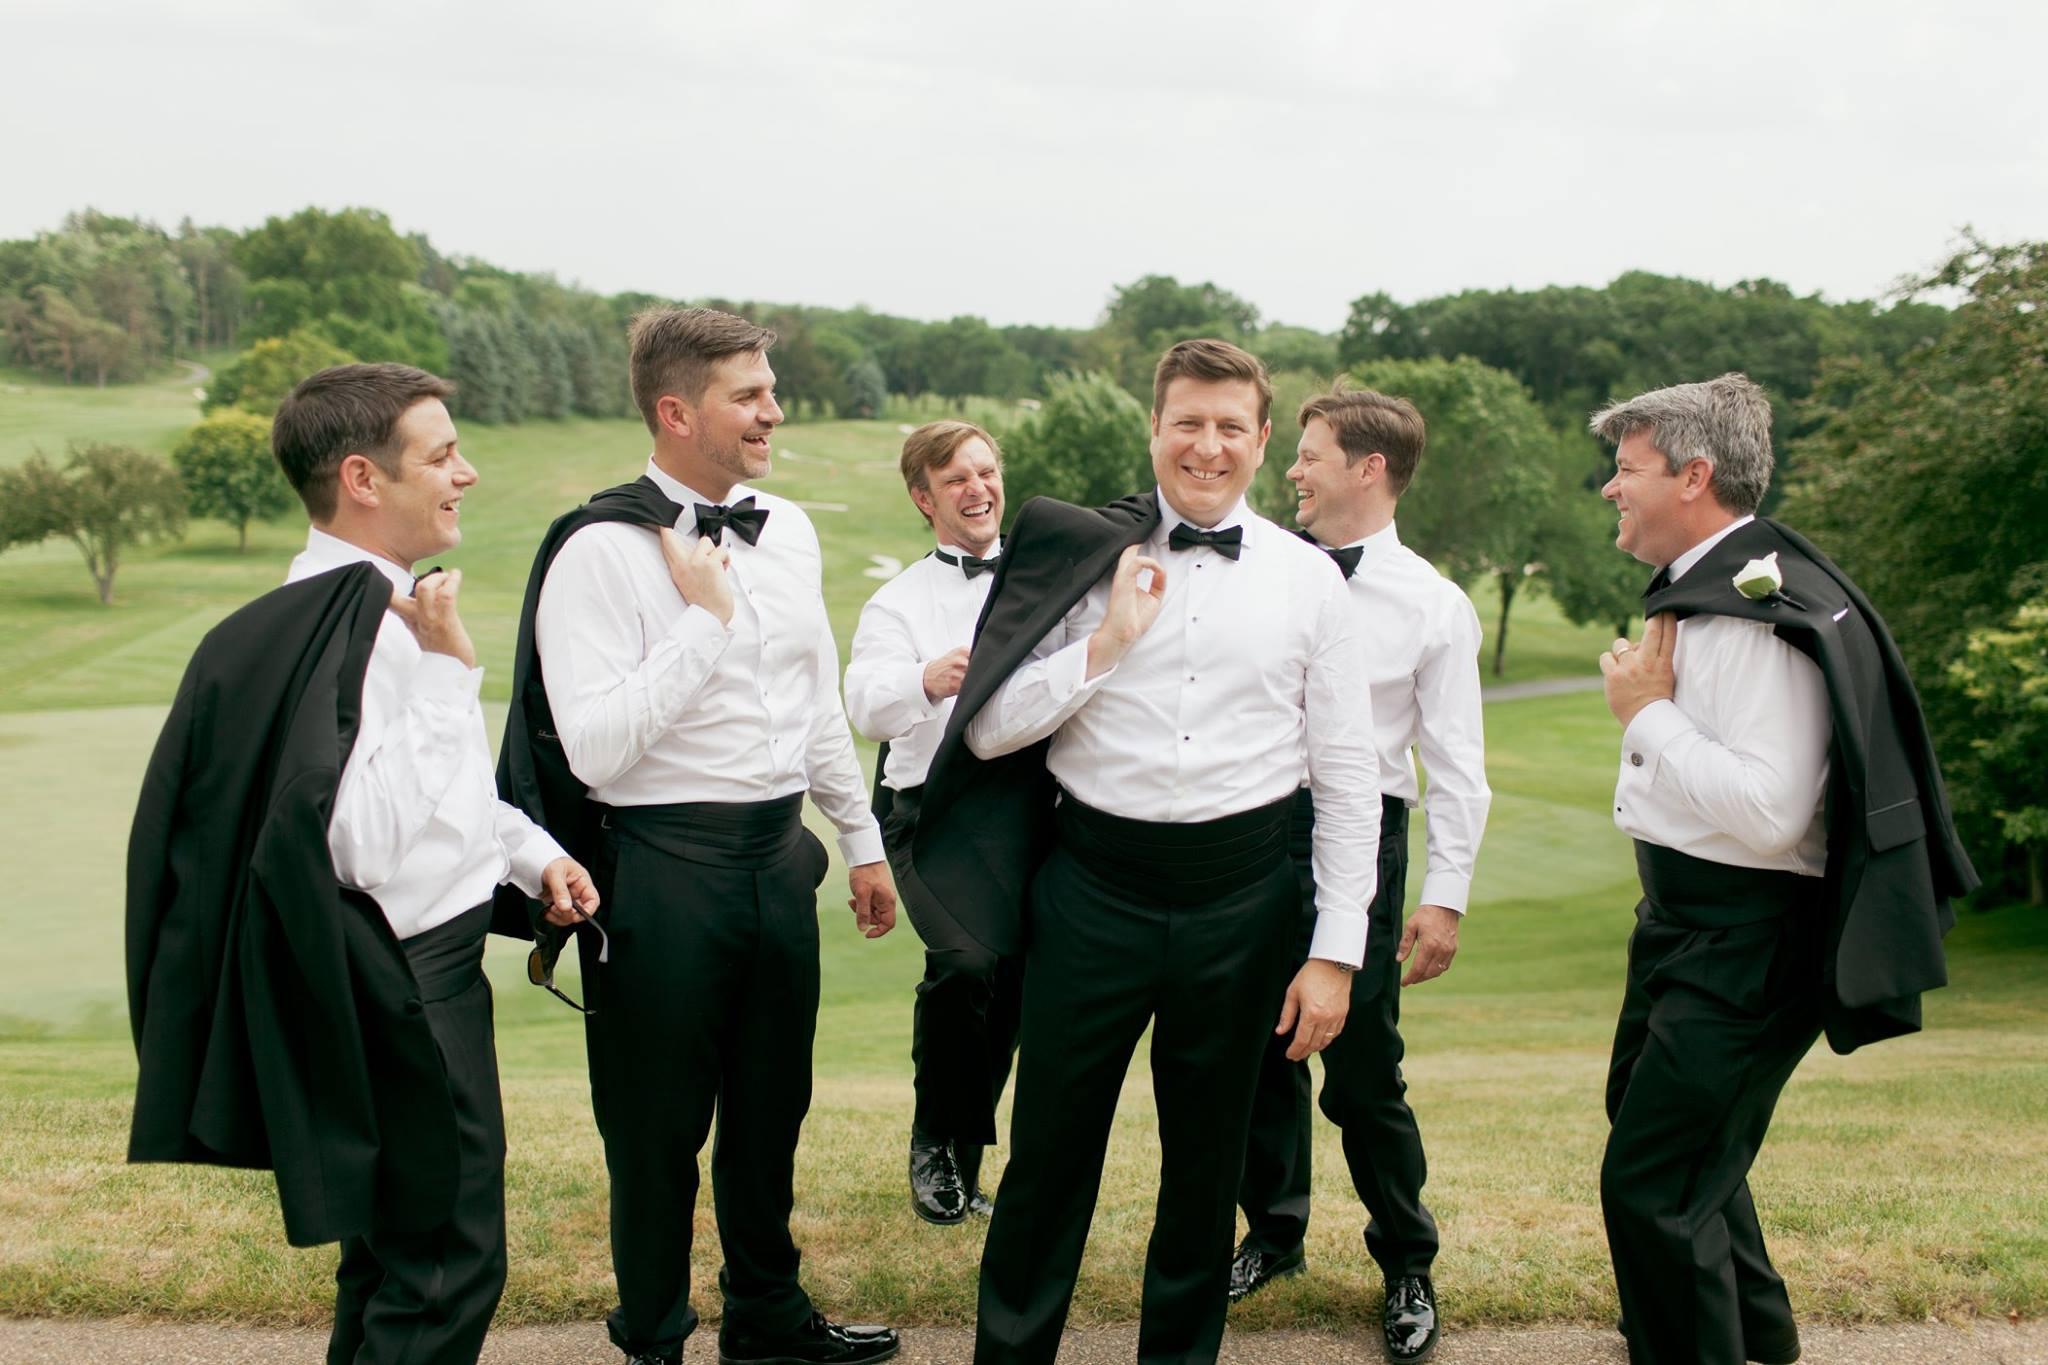 woodhill-country-club-wedding-23.jpg